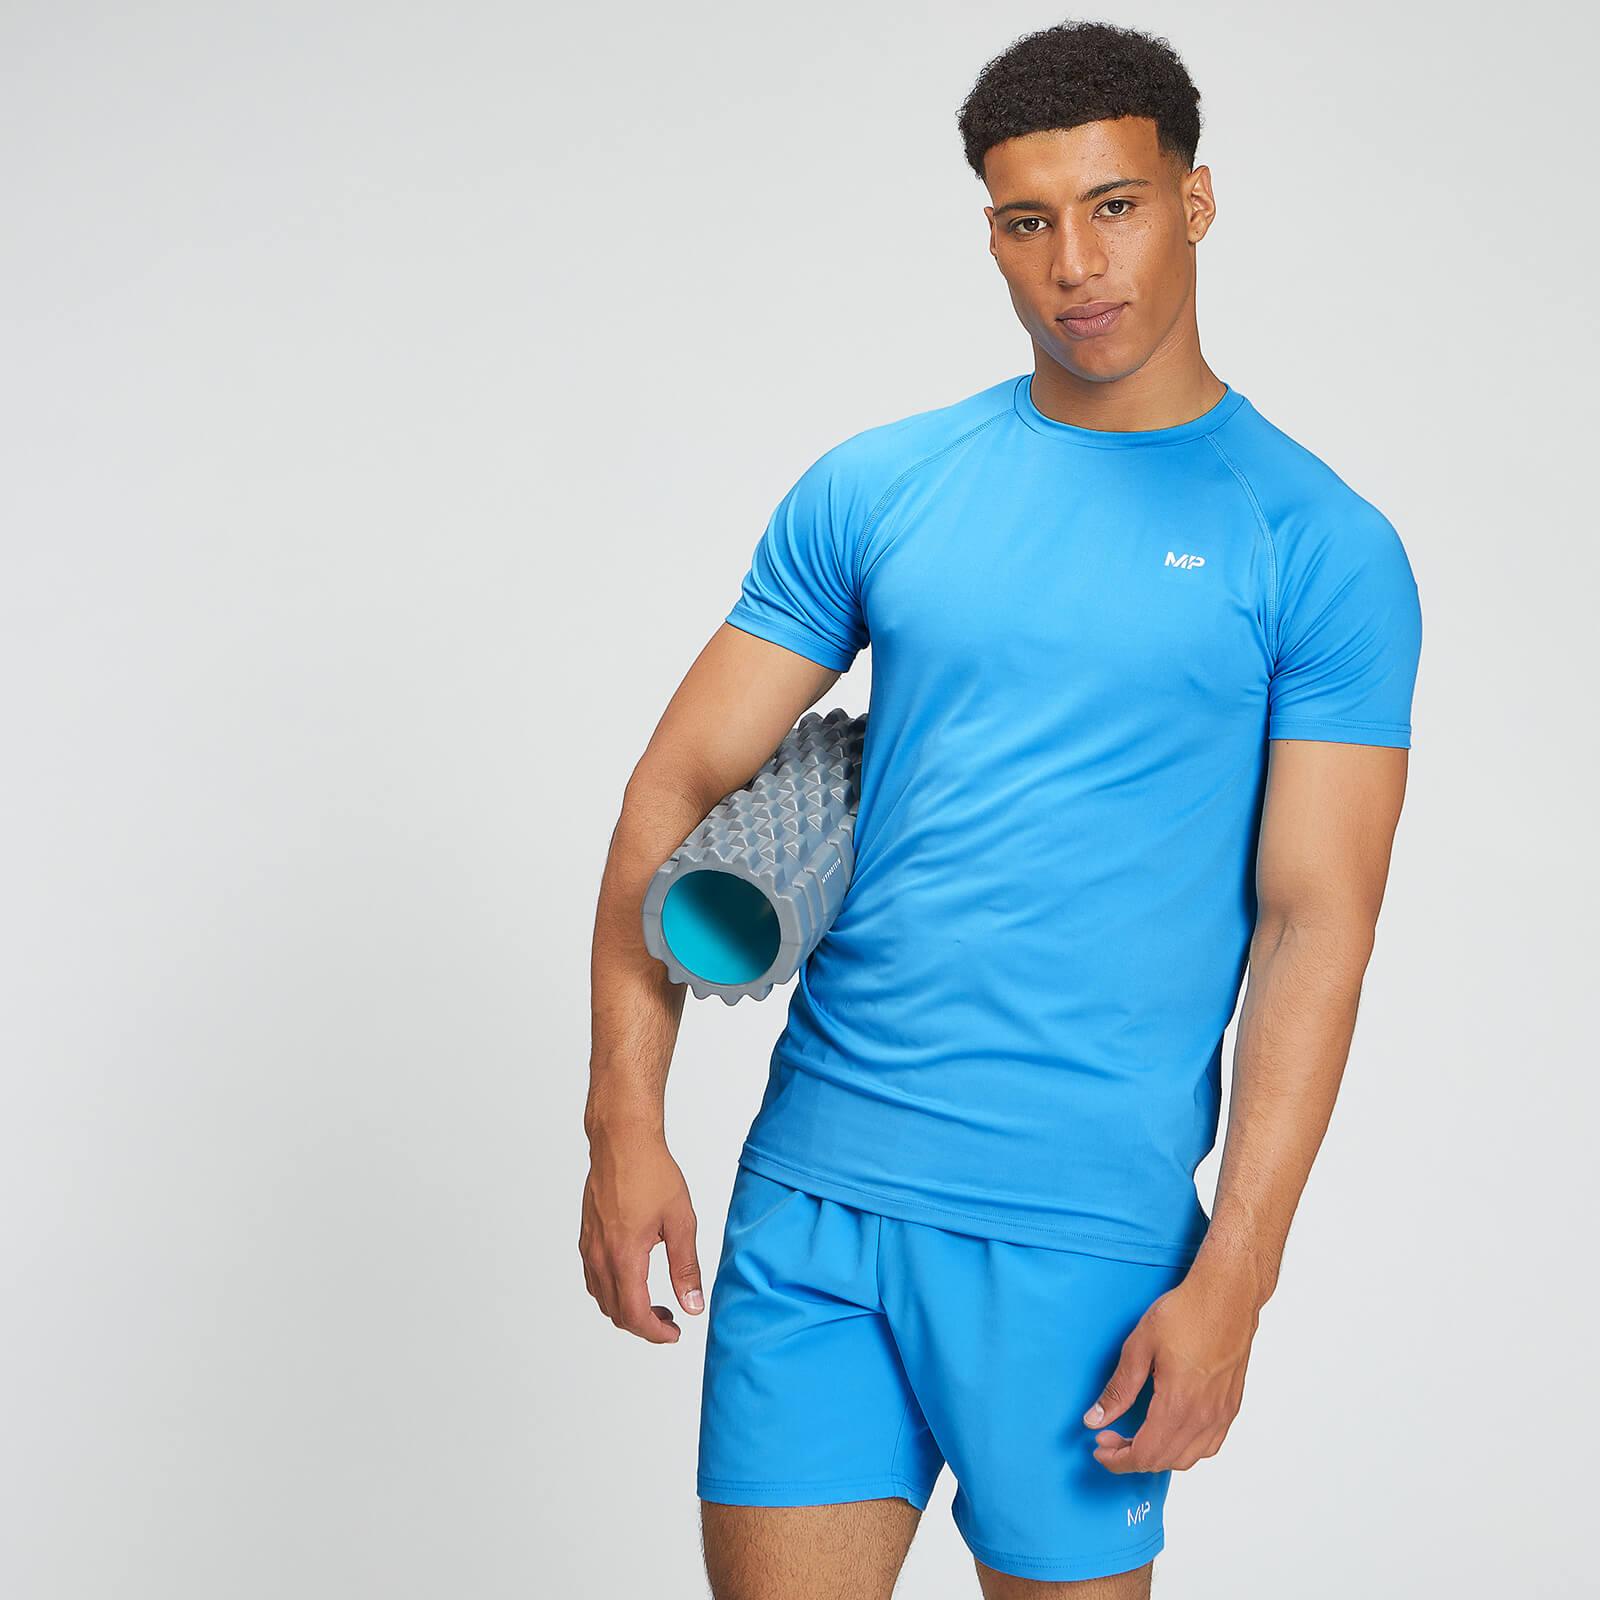 Купить MP Men's Essentials Training T-Shirt - Bright Blue - XXS, Myprotein International